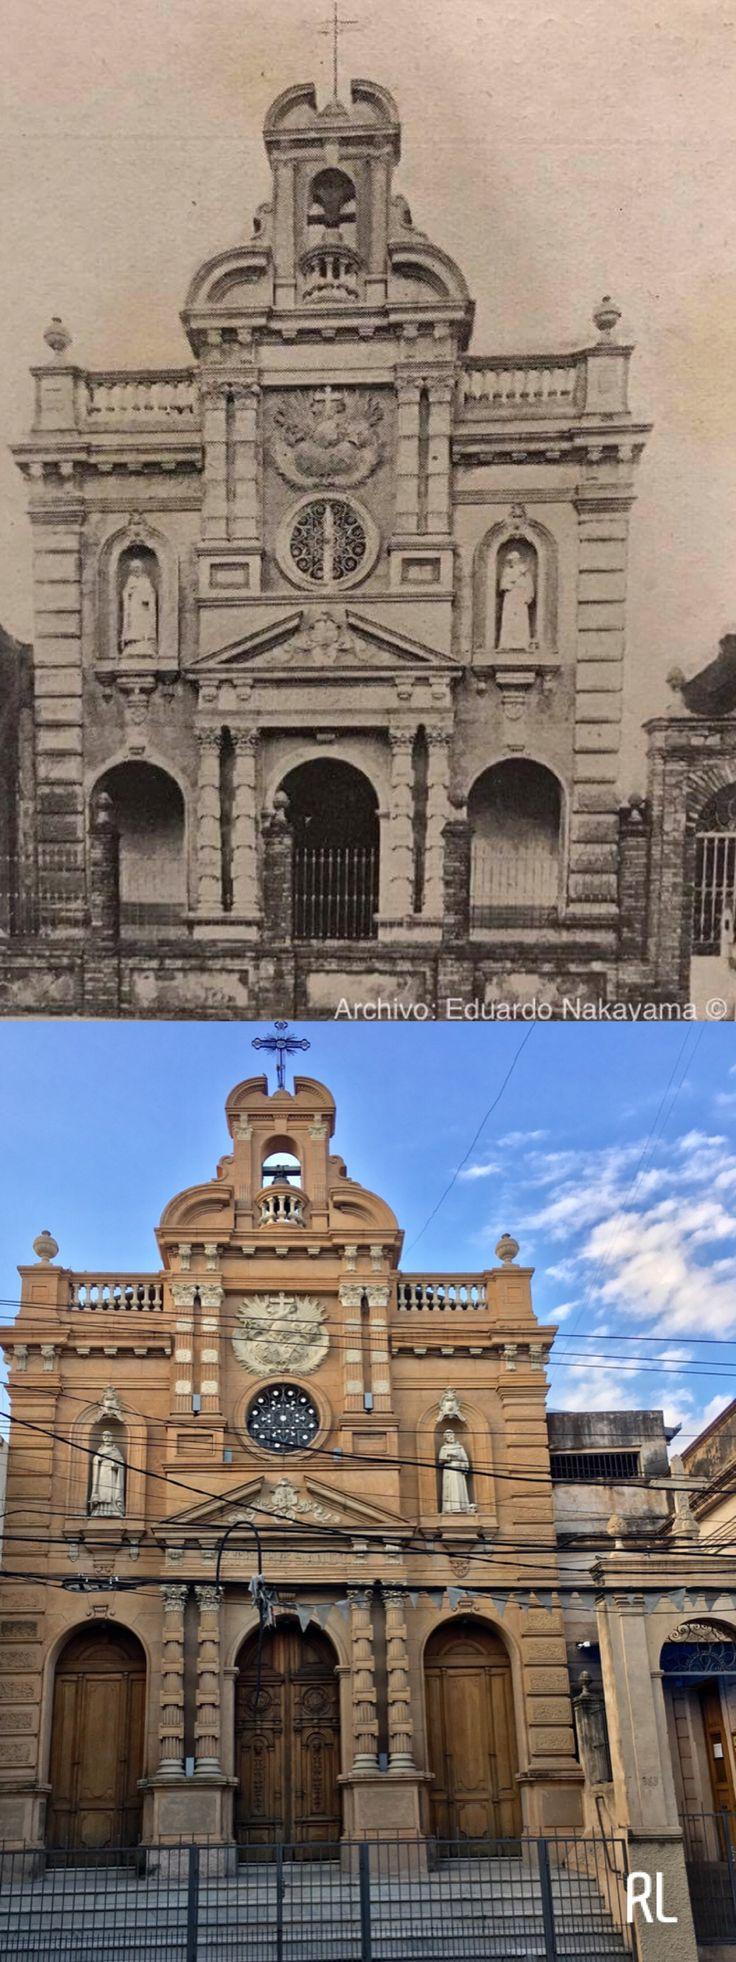 Iglesia de San Francisco de Asunción-Paraguay